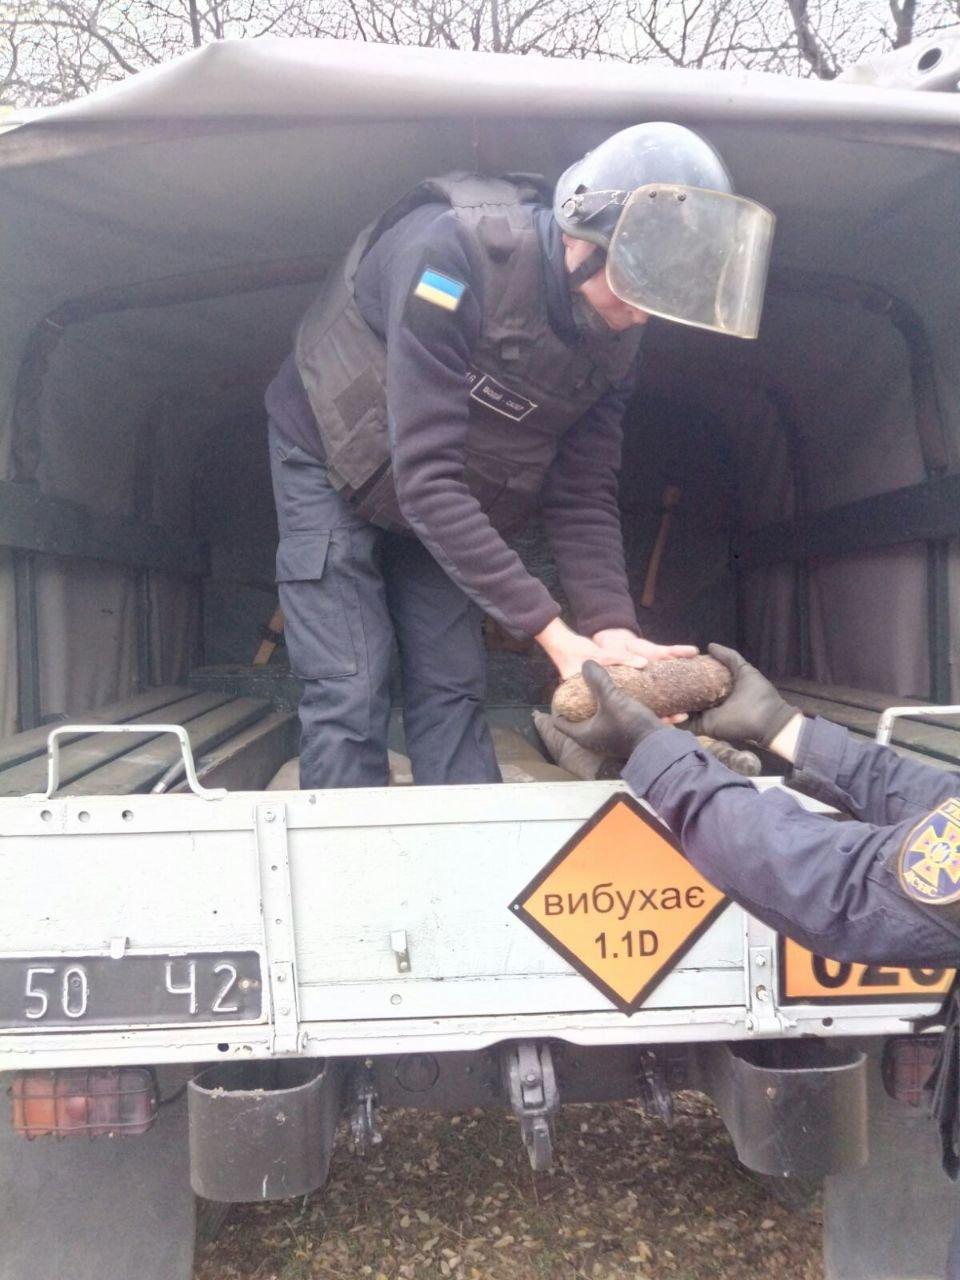 В Одессе в Дюковском саду нашли артснаряд, - ФОТО, фото-1